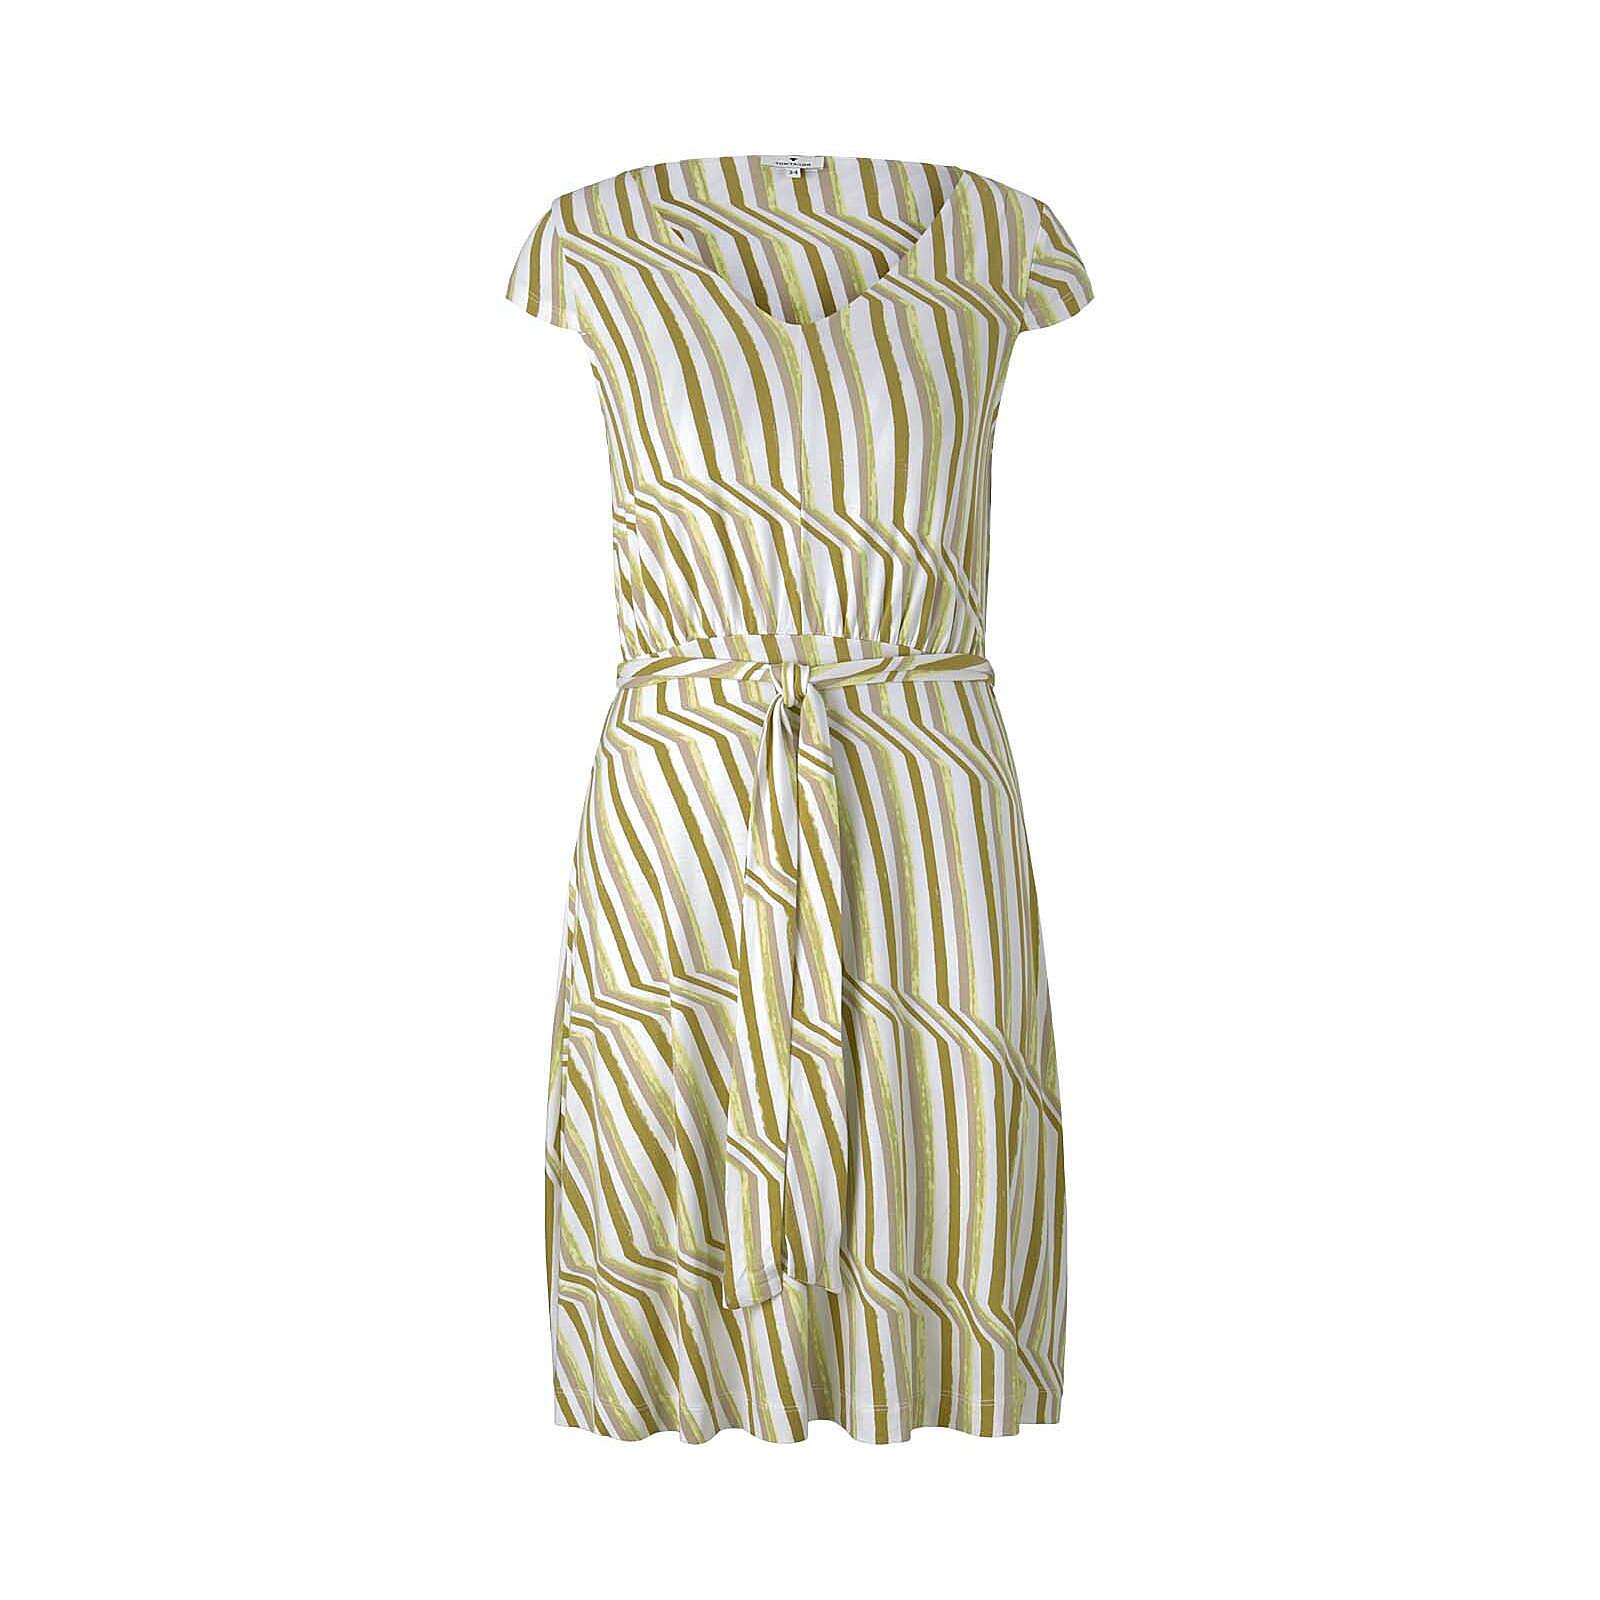 TOM TAILOR Kleider & Jumpsuits Gemustertes Jerseykleid mit Bindegürtel Jerseykleider grün/weiß Damen Gr. 34